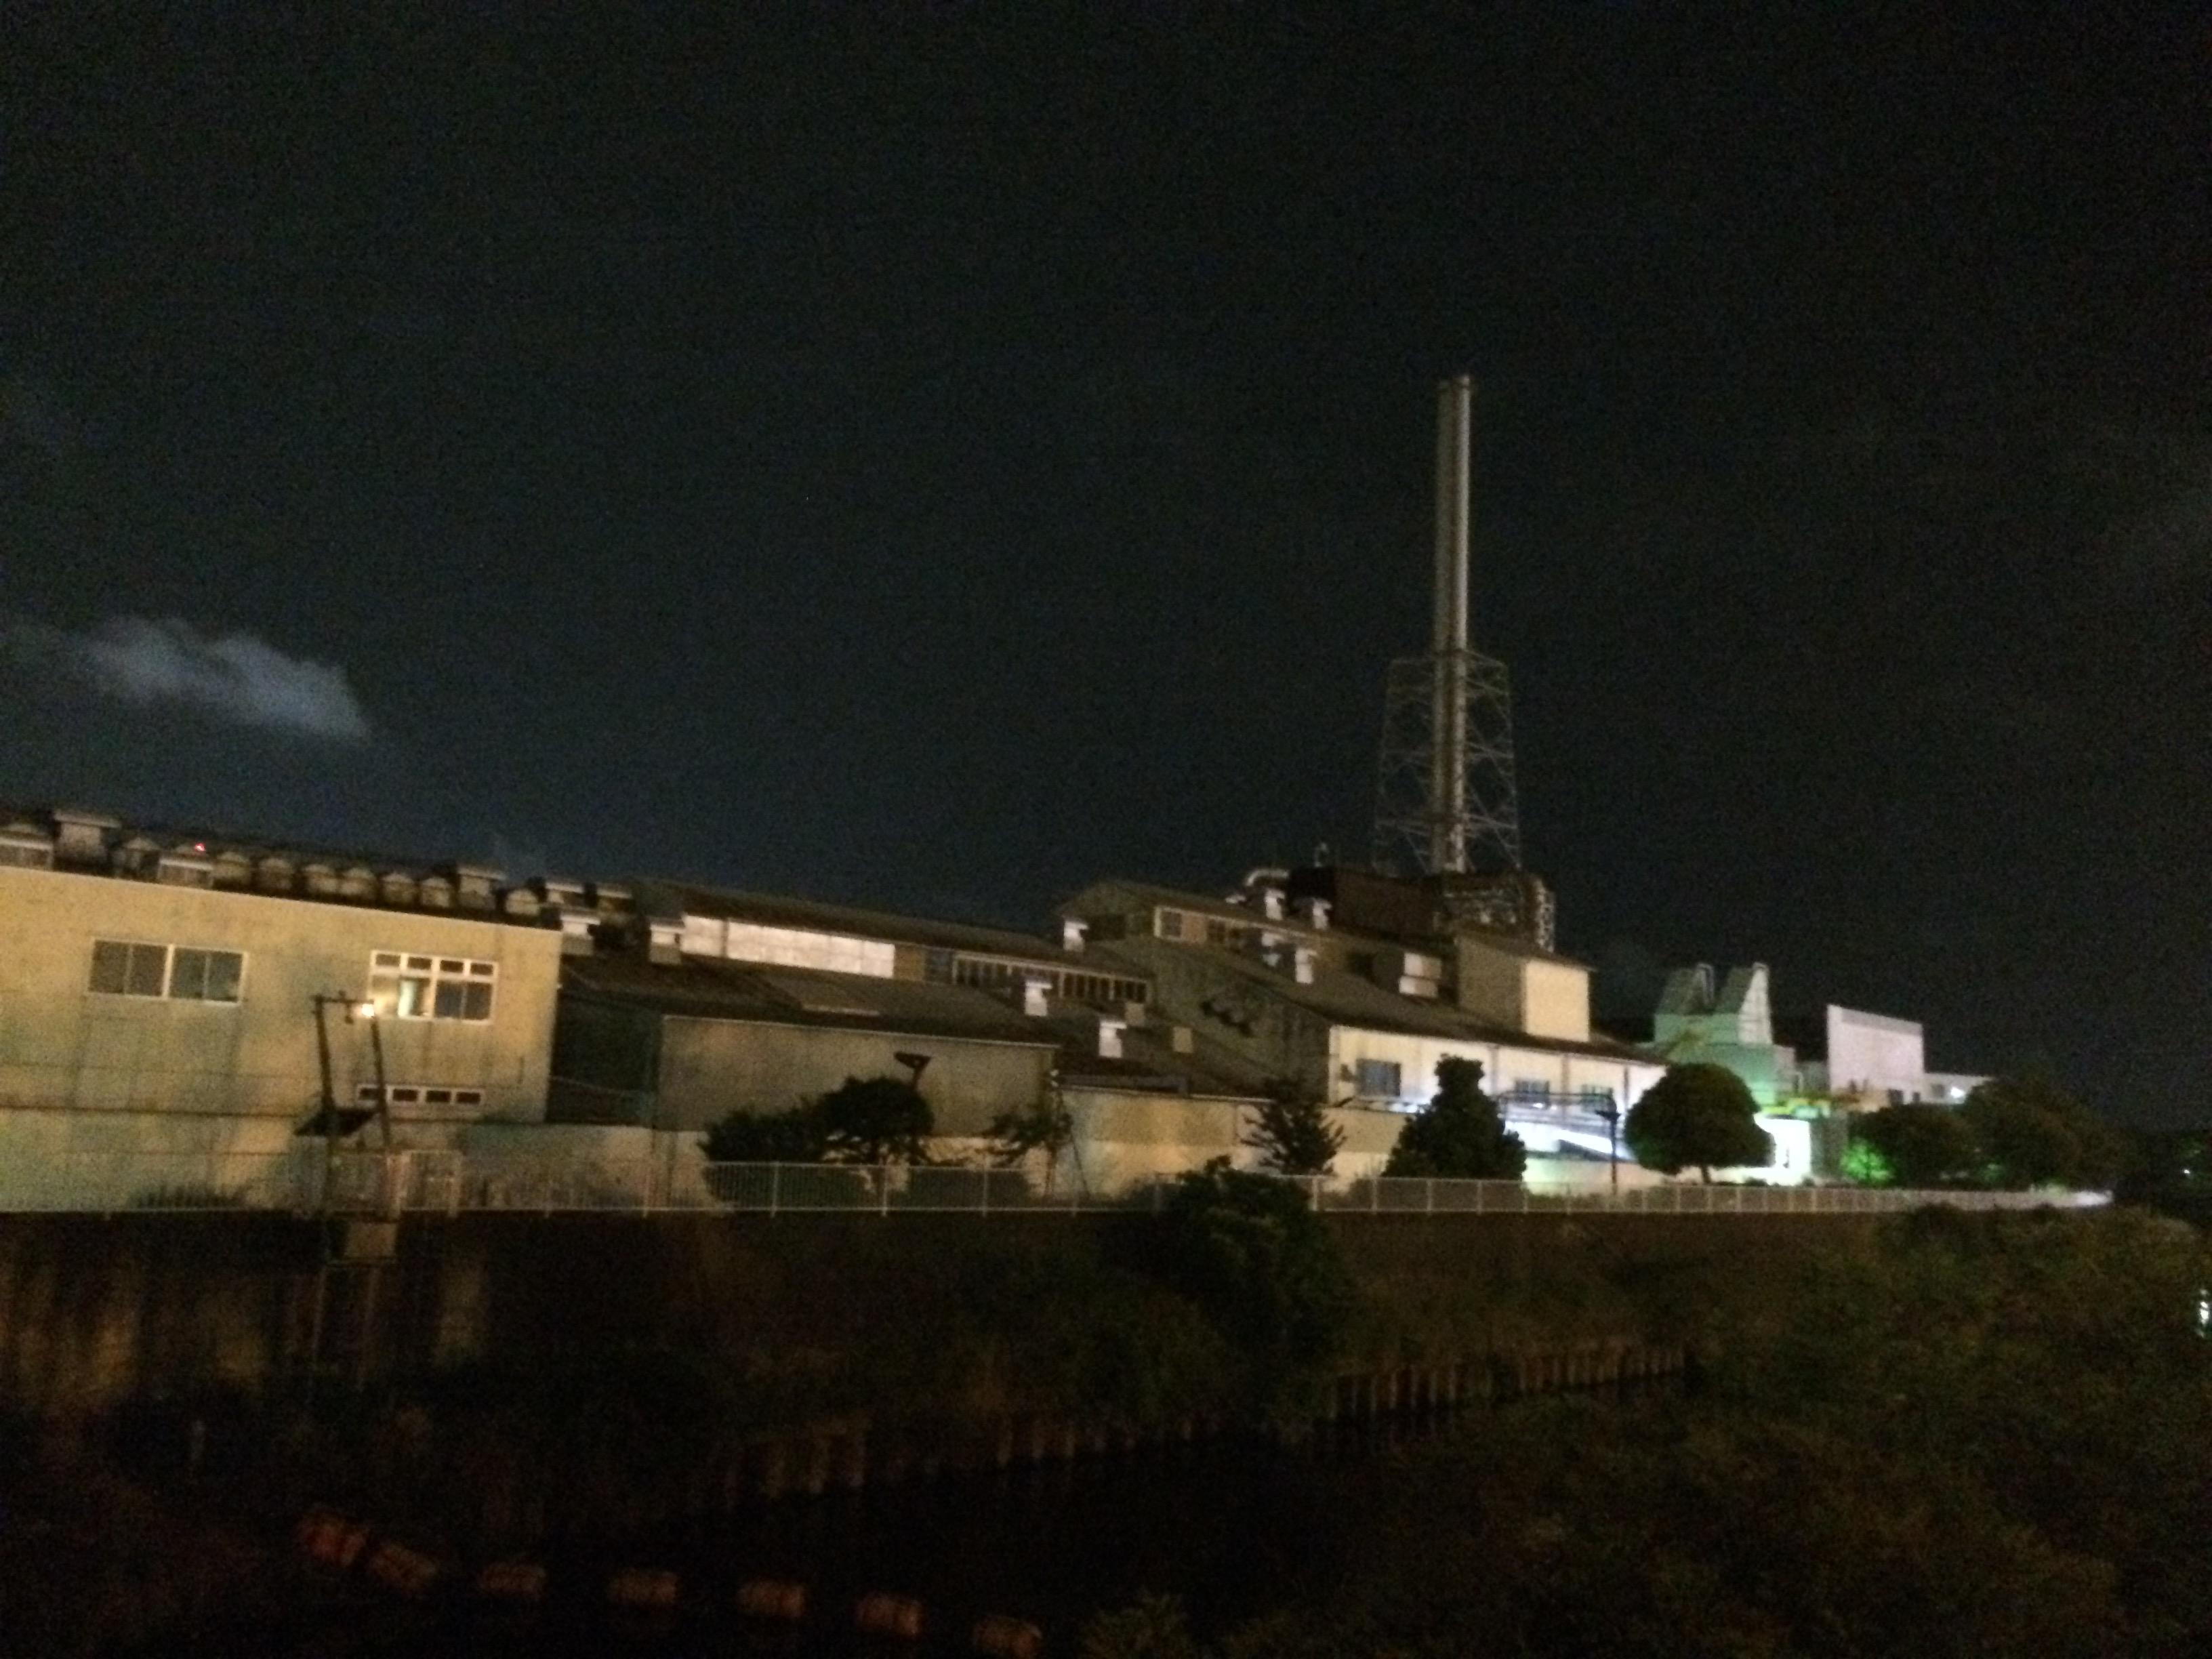 閉鎖予定の日本電機硝子藤沢事業場 1959年からお疲れ様でした。2015-06-23